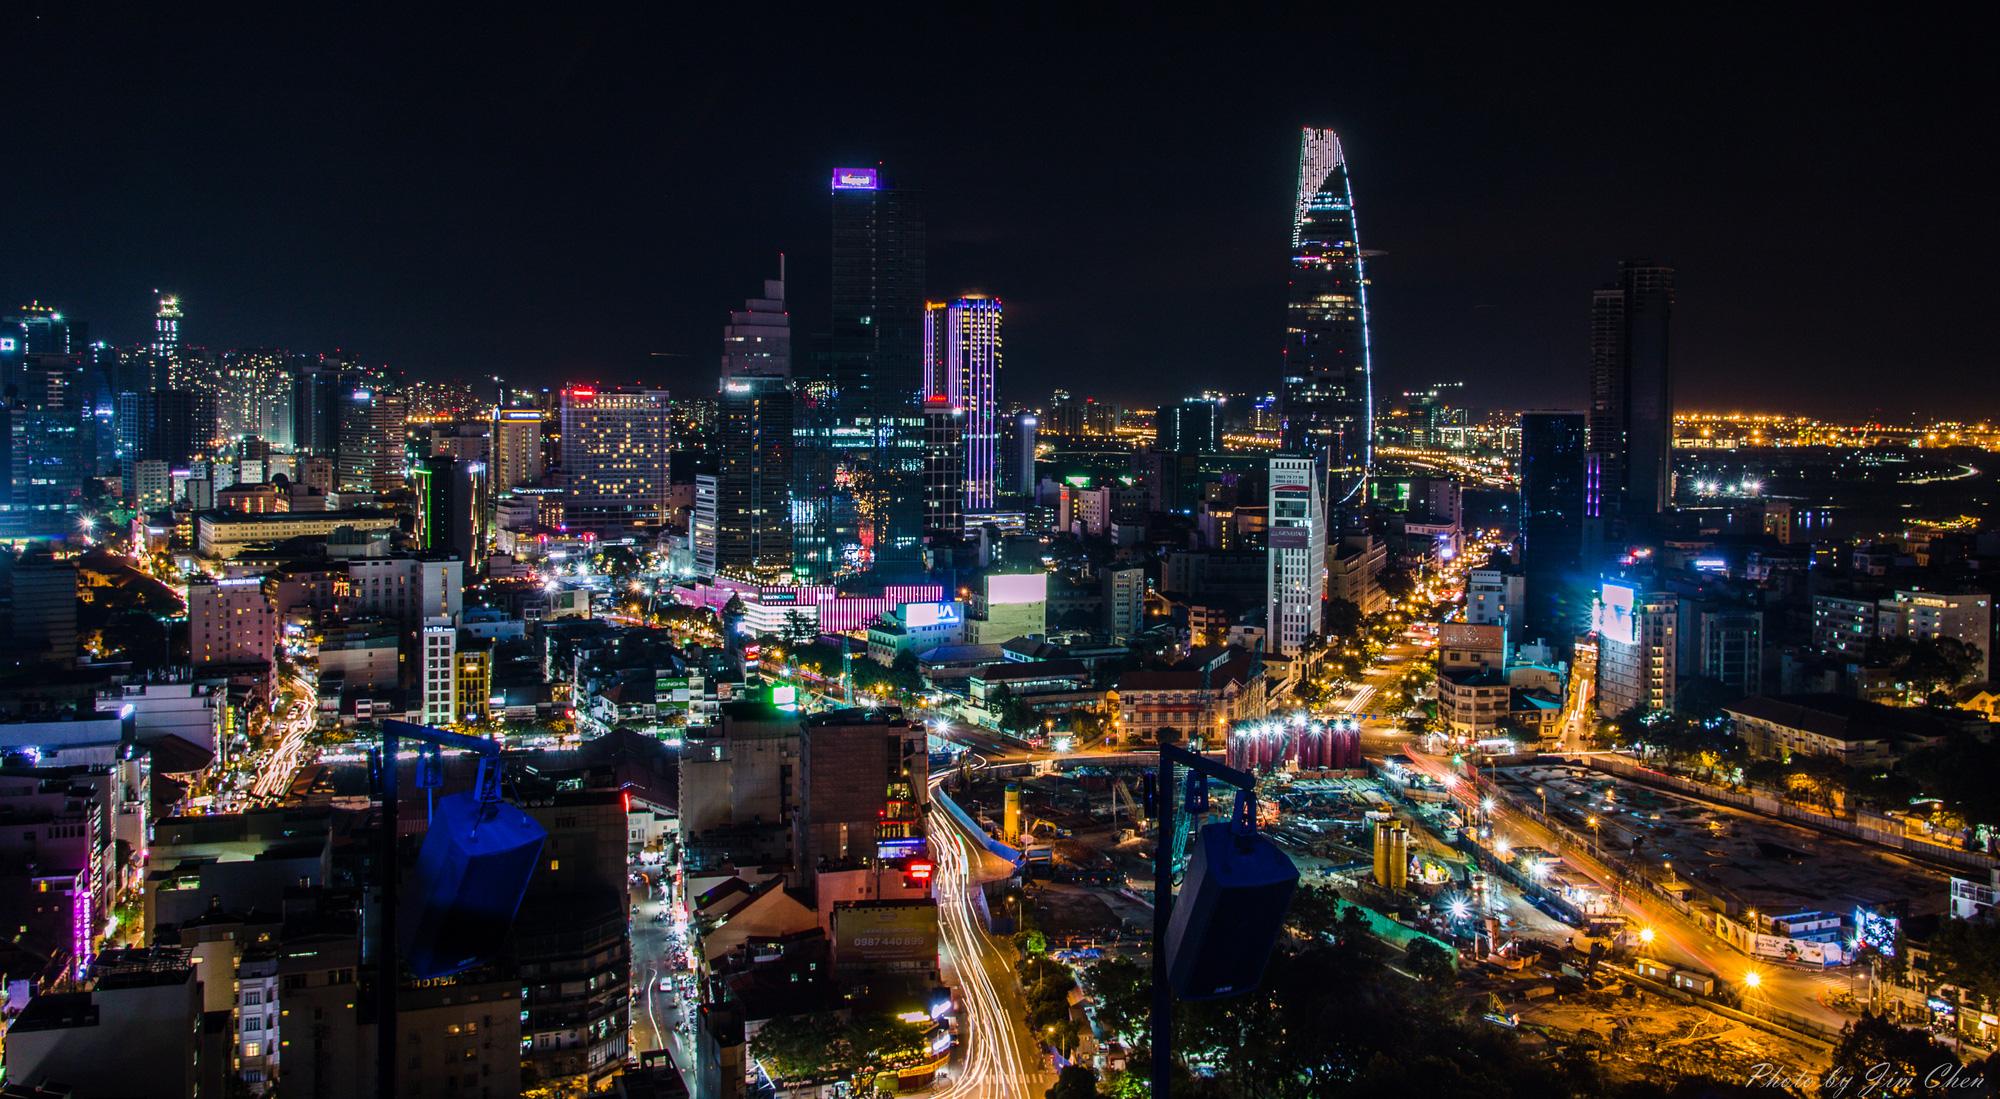 """Kinh tế Việt Nam 2020: Từ doanh nghiệp """"ăn đong từng tuần"""", đến điểm sáng giữa đại dịch COVID-19 - Ảnh 10."""